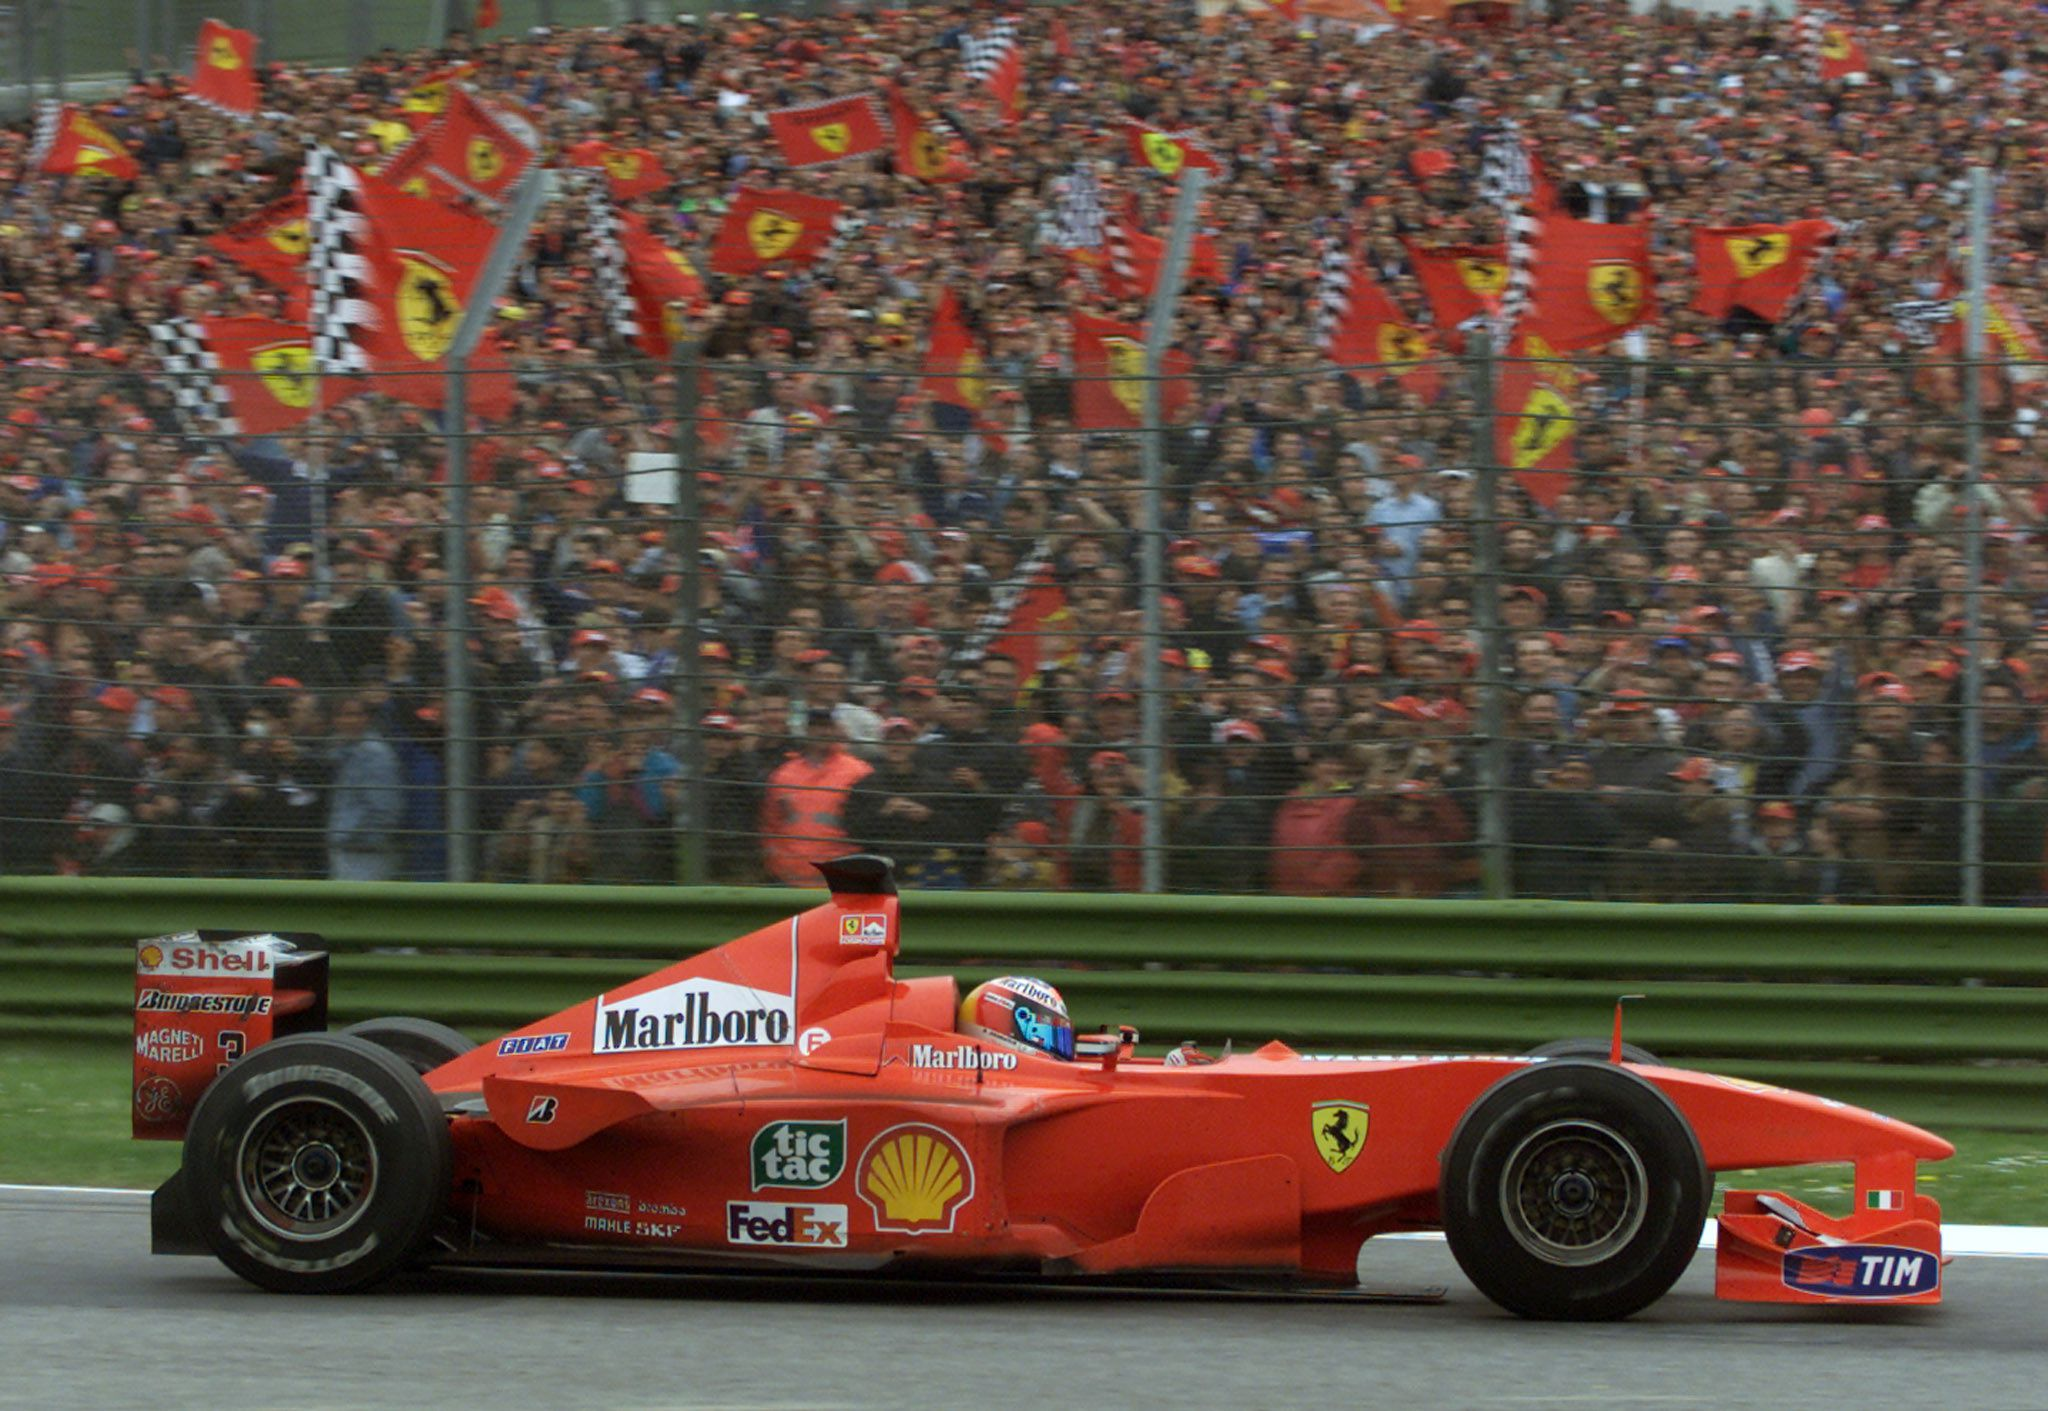 Michael Schumacher con su Ferrari en 2000. Con la Scuderia el Káiser batió muchos récords, entre ellos el de poles positions de Senna (REUTERS/Paolo Cocco/File Photo).